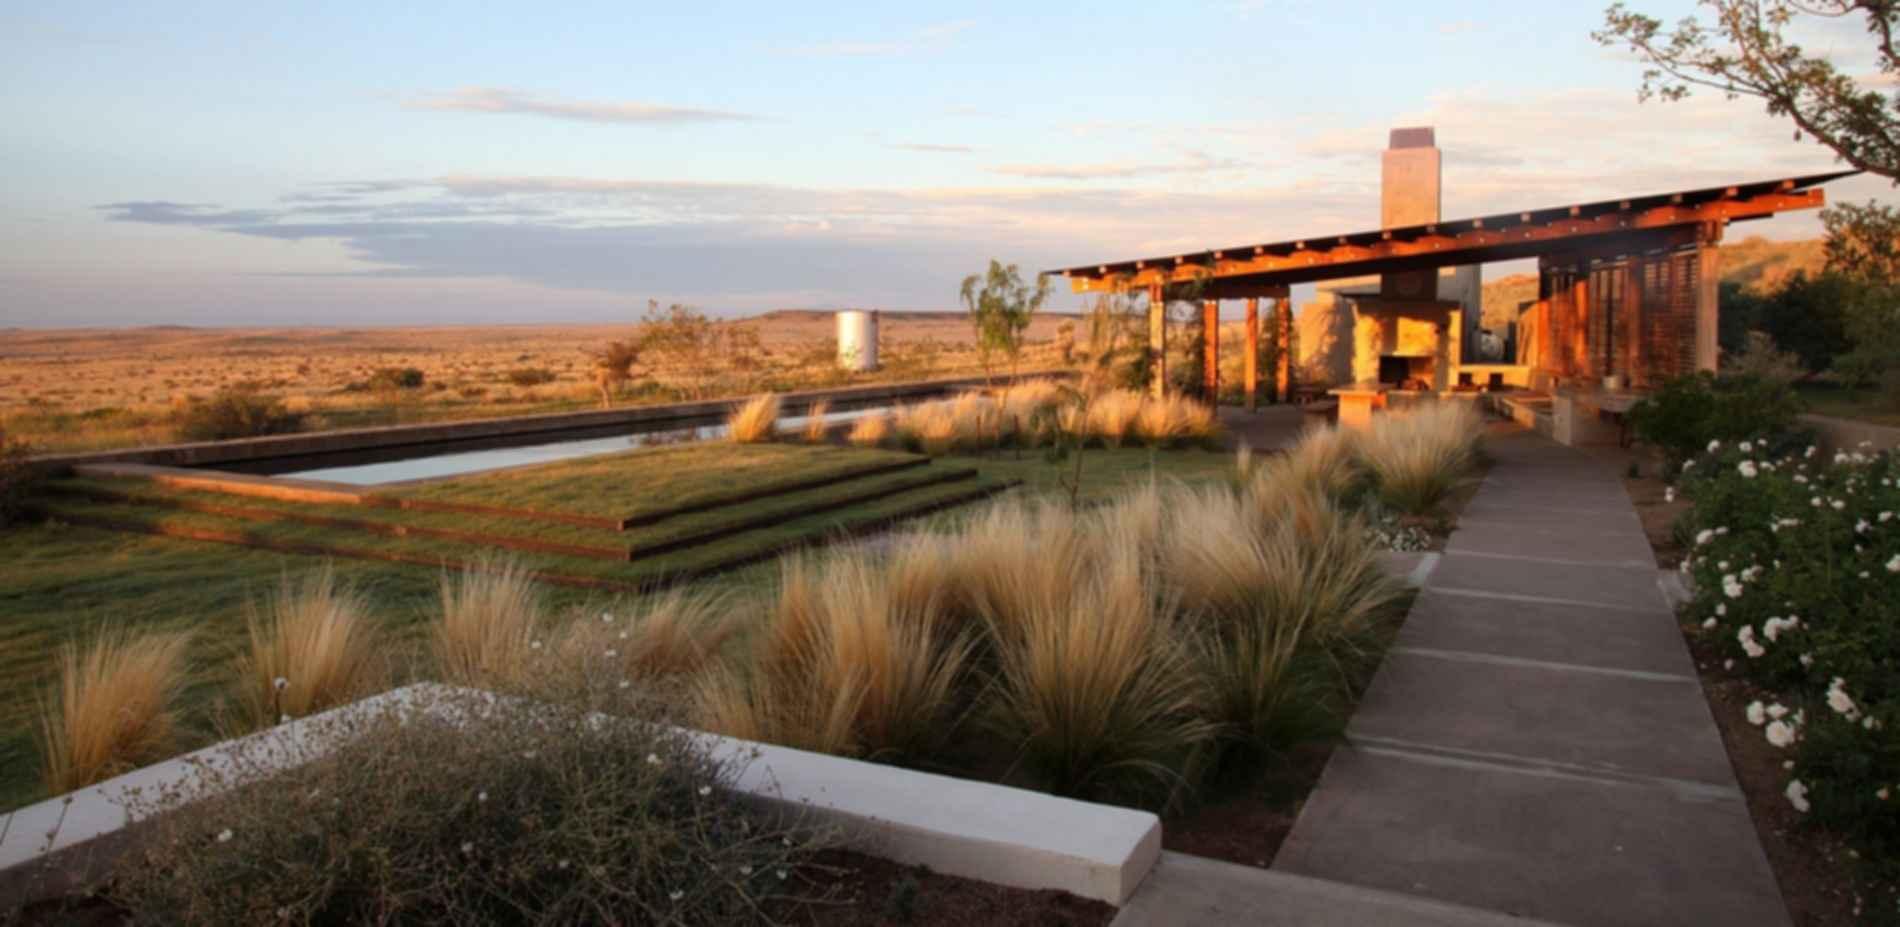 West Texas Ranch - Outdoor Area/Walkway